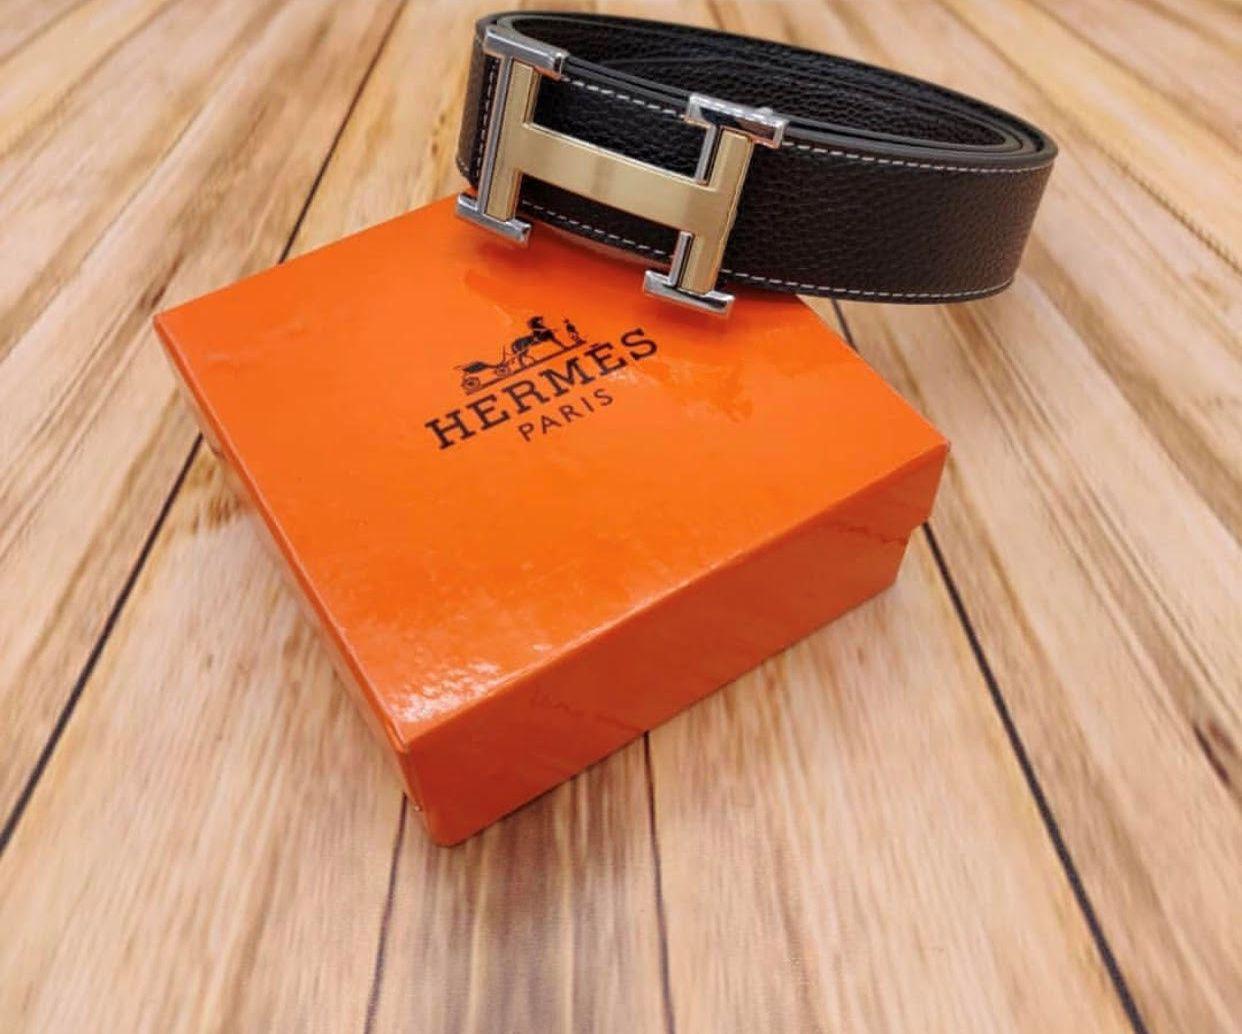 2d8b2f221 How To Spot A Fake Hermes Belt! - Brands Blogger